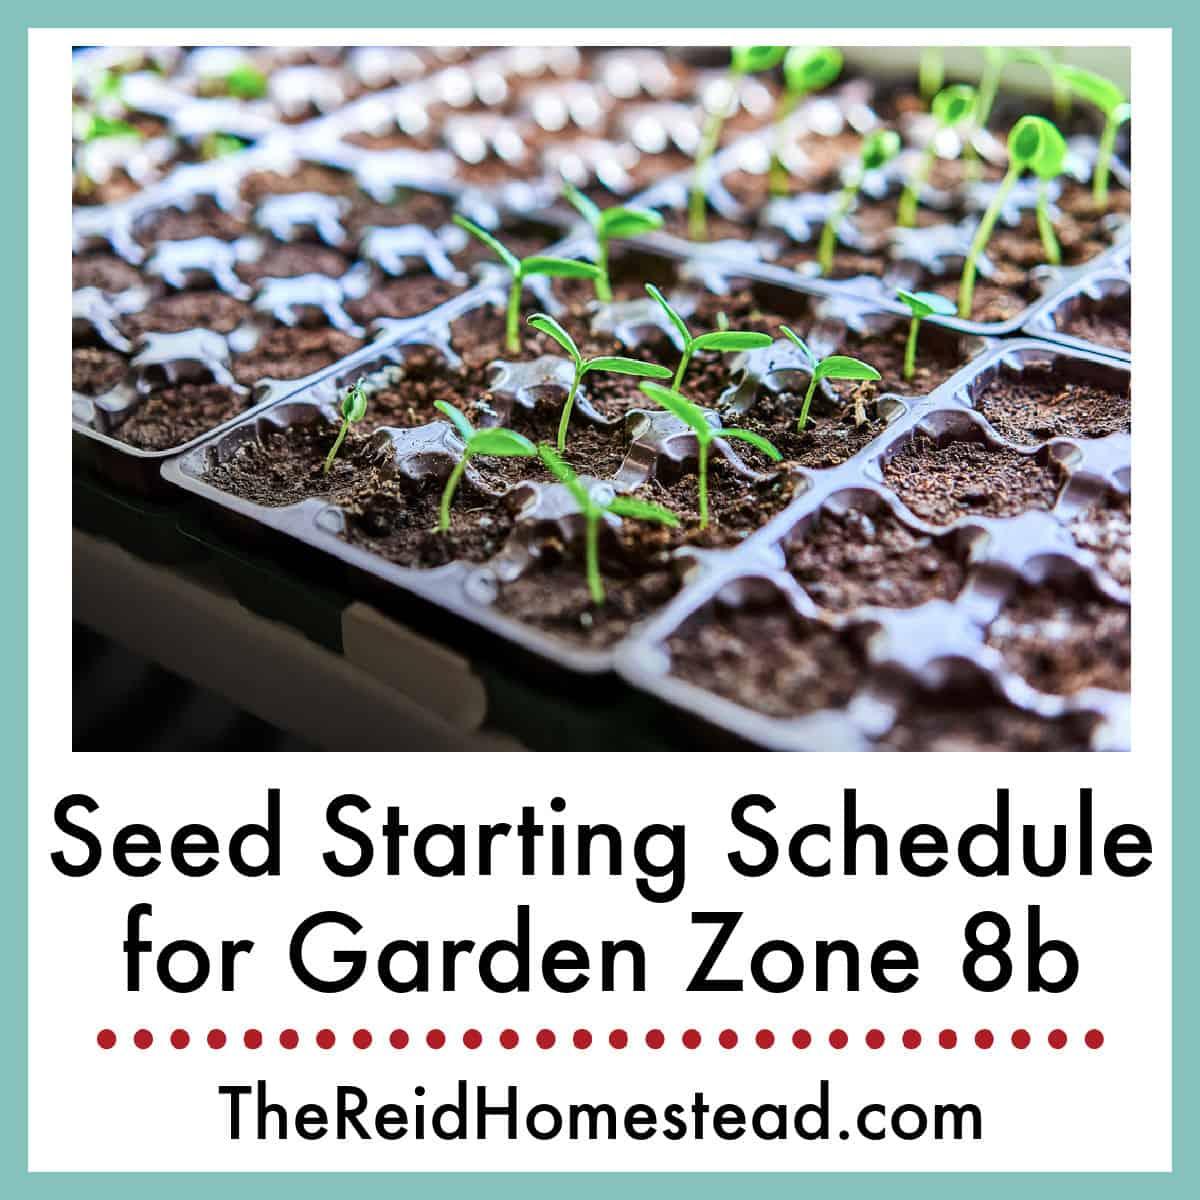 When to Start Vegetable Seeds in Garden Zone 8b